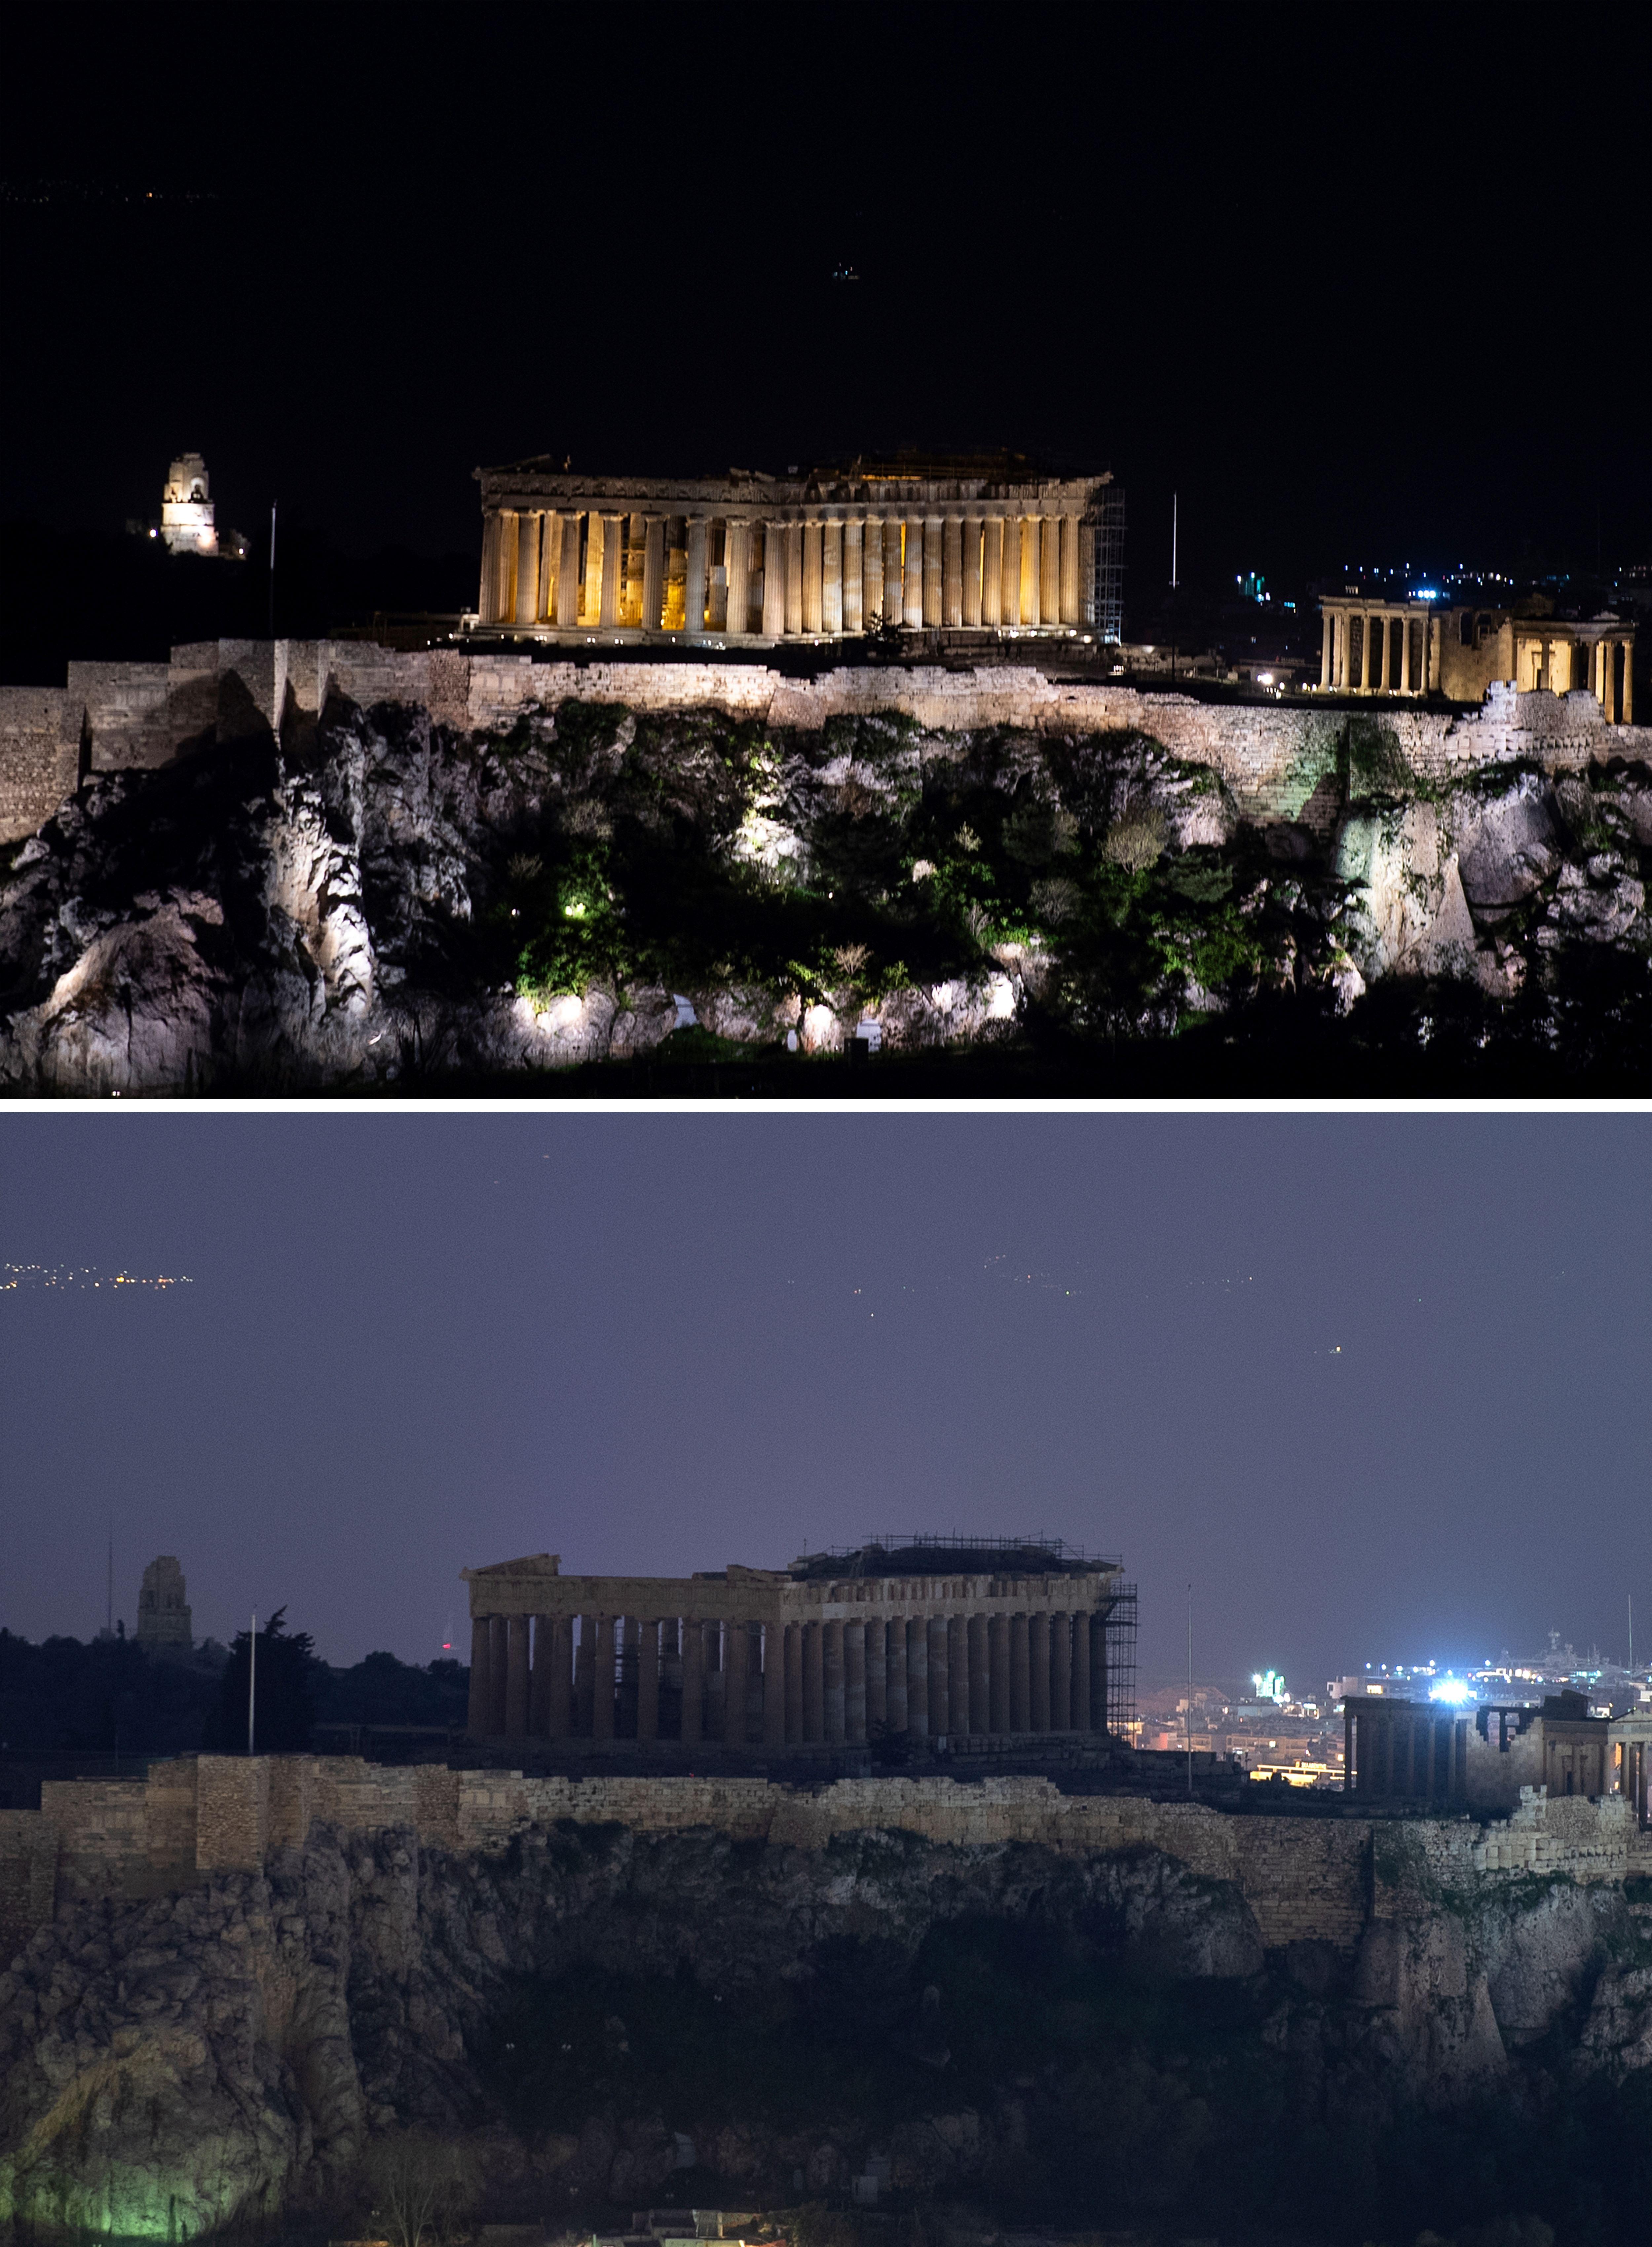 معبد بارثينون بالعاصمة اليونانية أثينا خلال ساعة الأرض - 30 أذار/مارس 2019